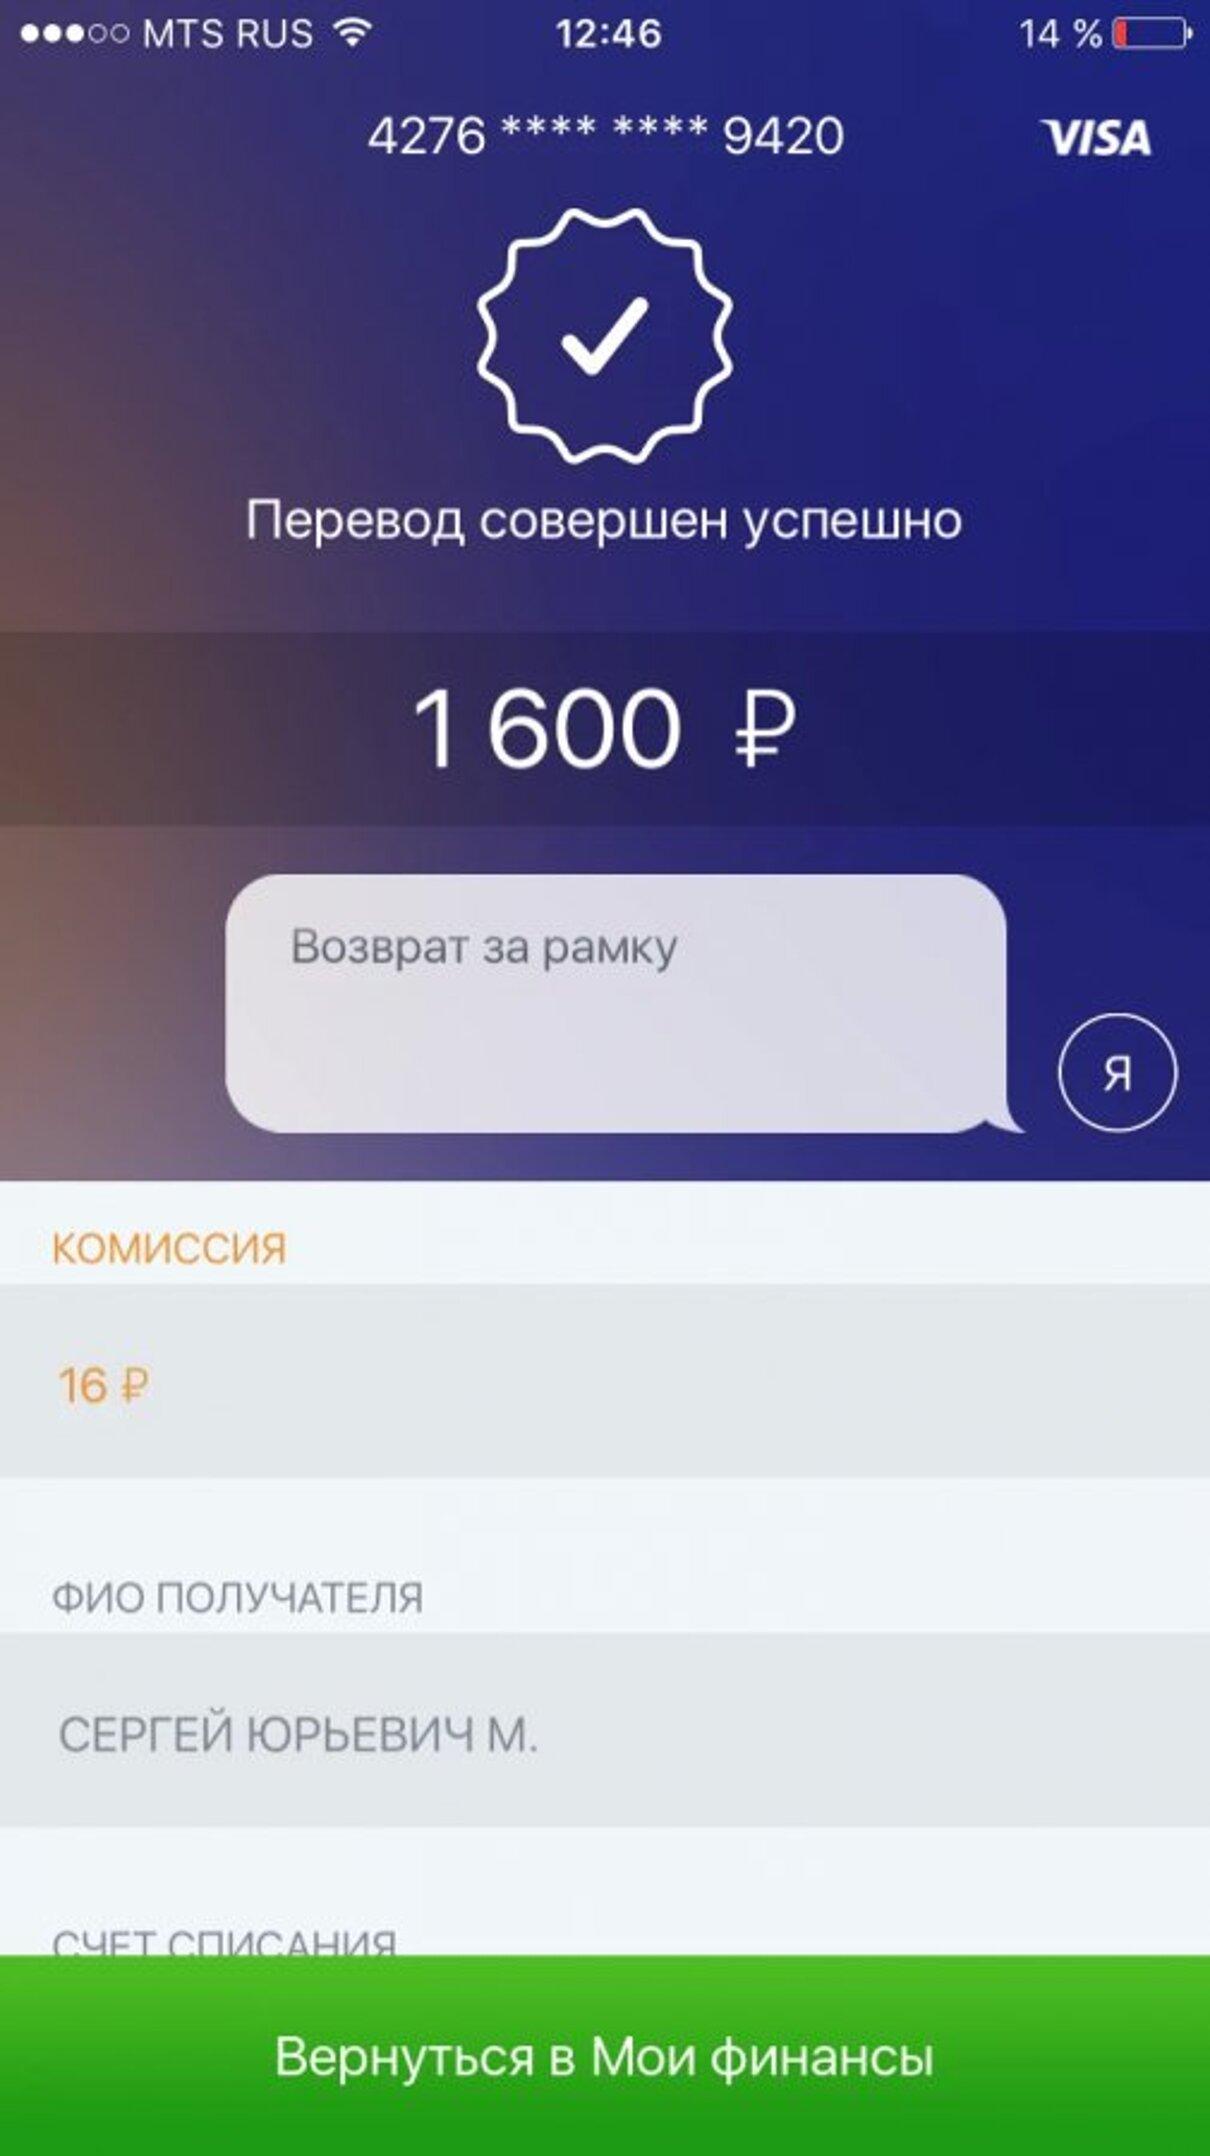 Жалоба-отзыв: Морозов - Люди никогда не связывайтесь с ним!.  Фото №4